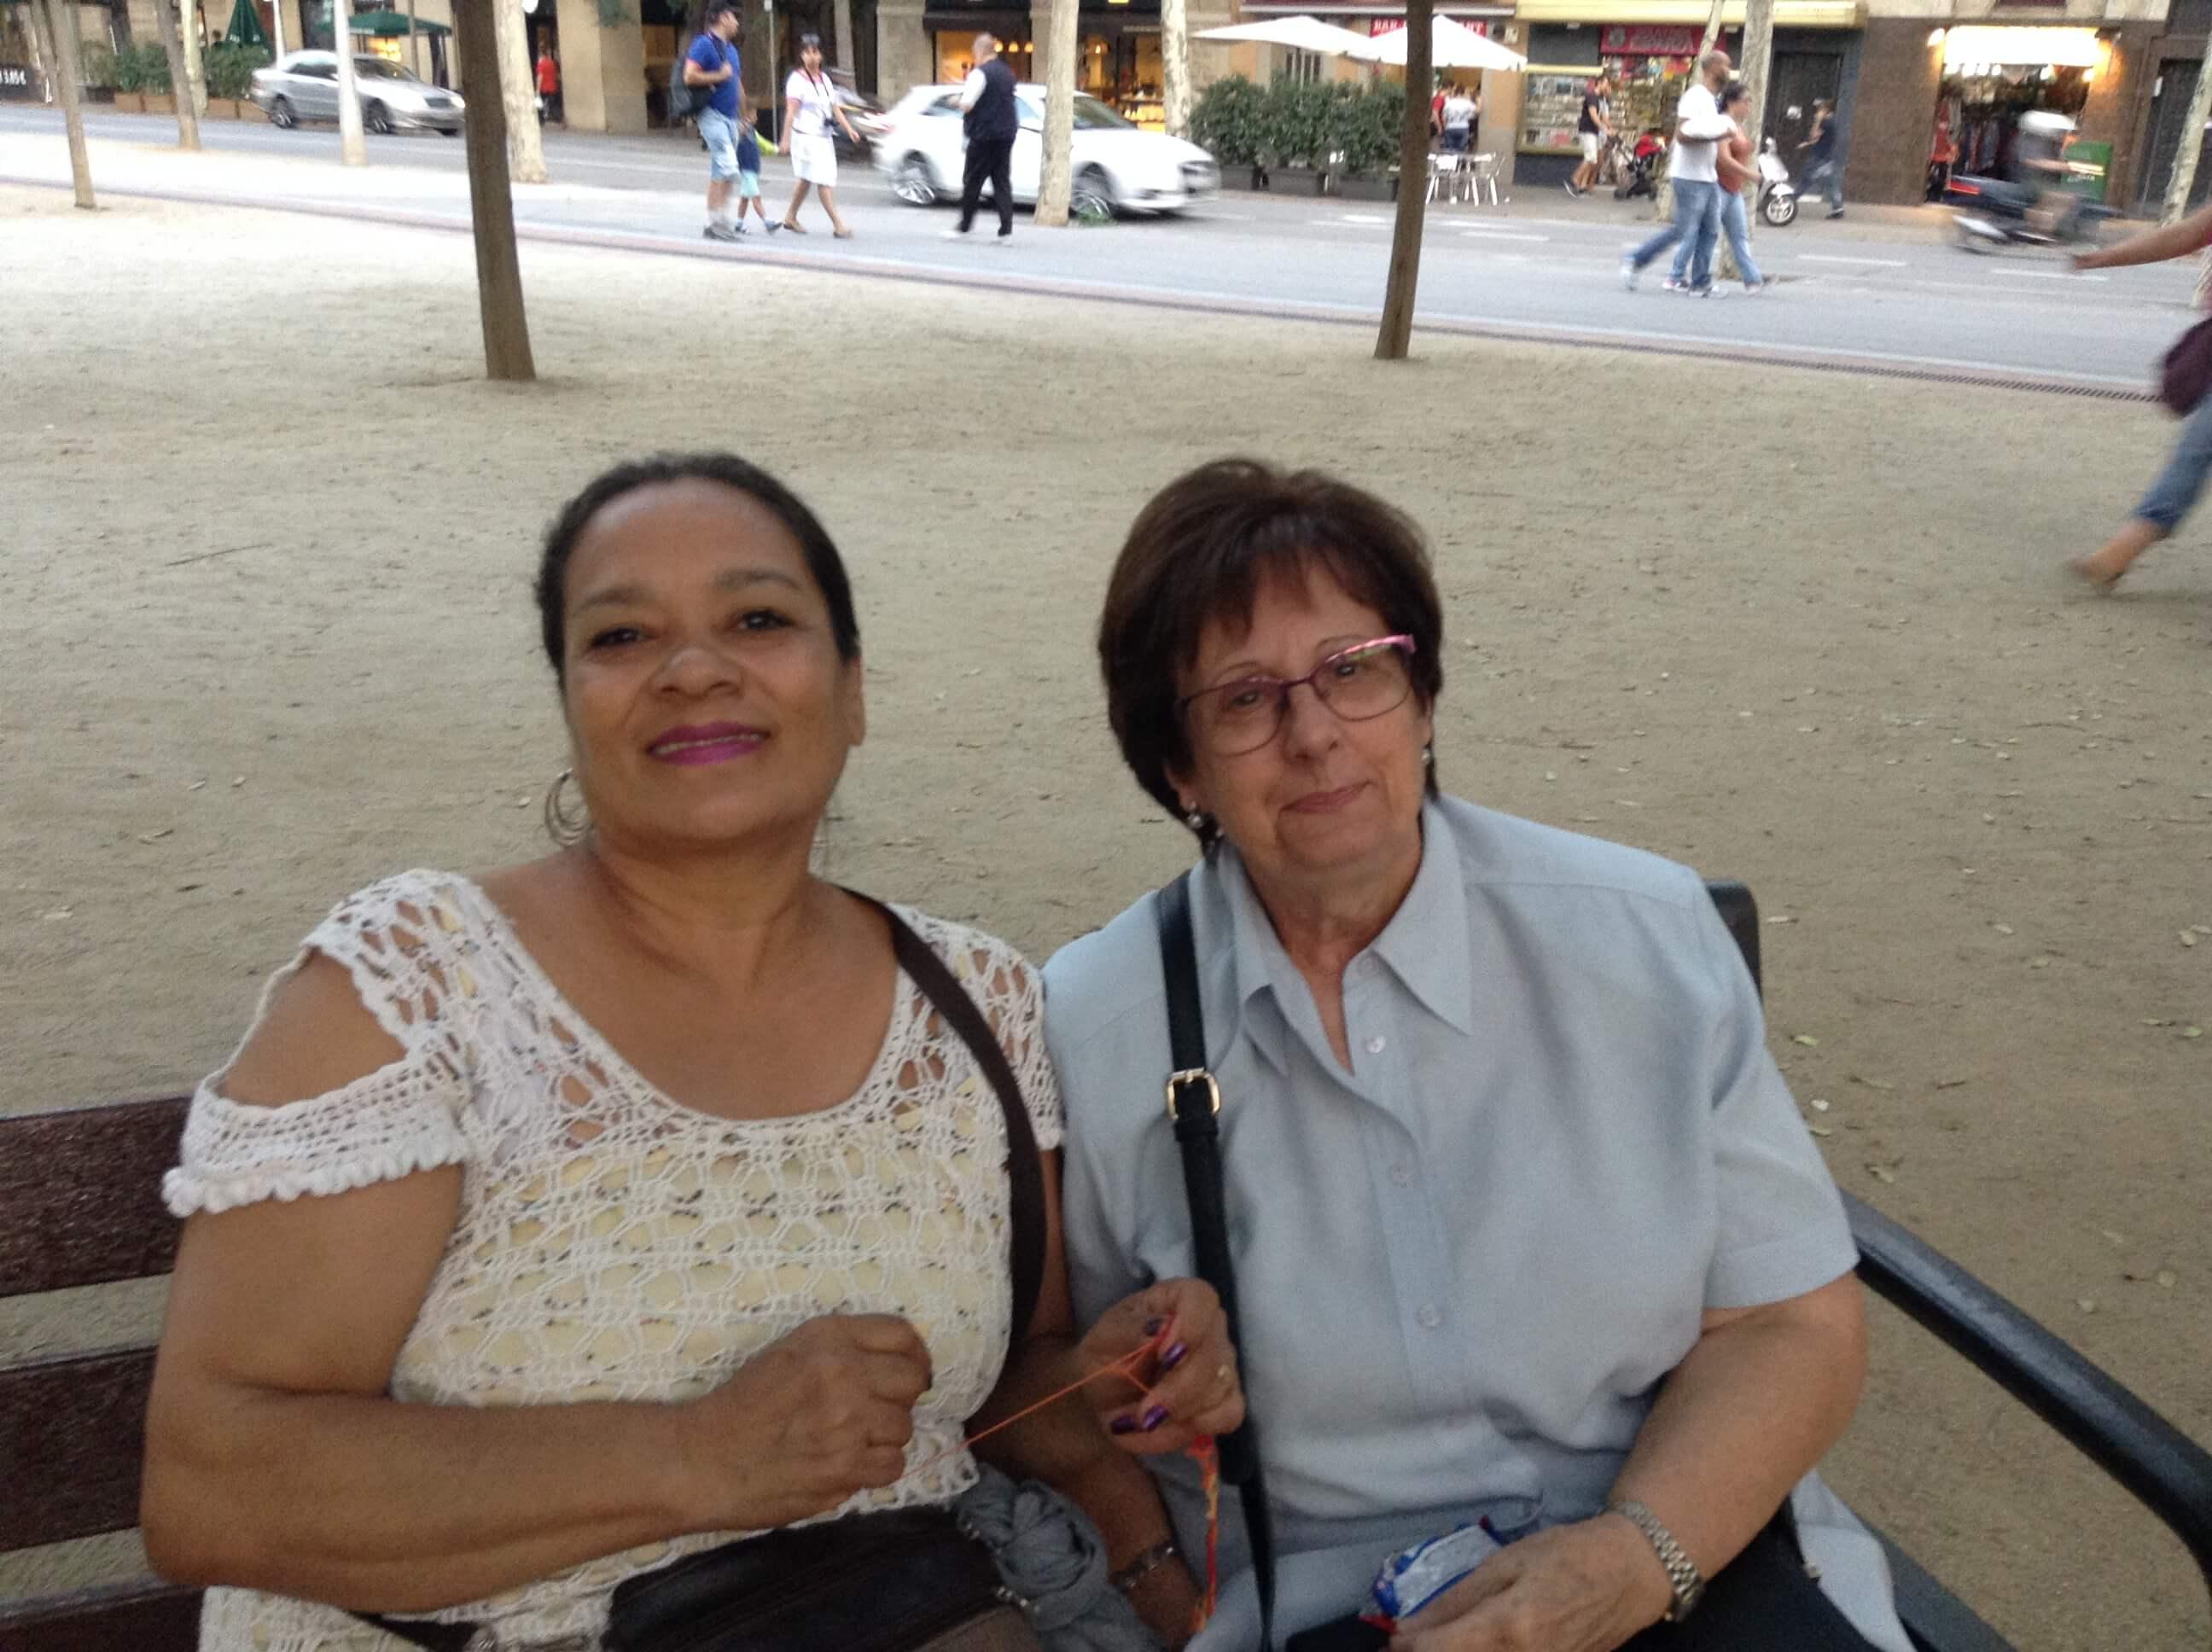 Con mi amiga en el parque de BCN